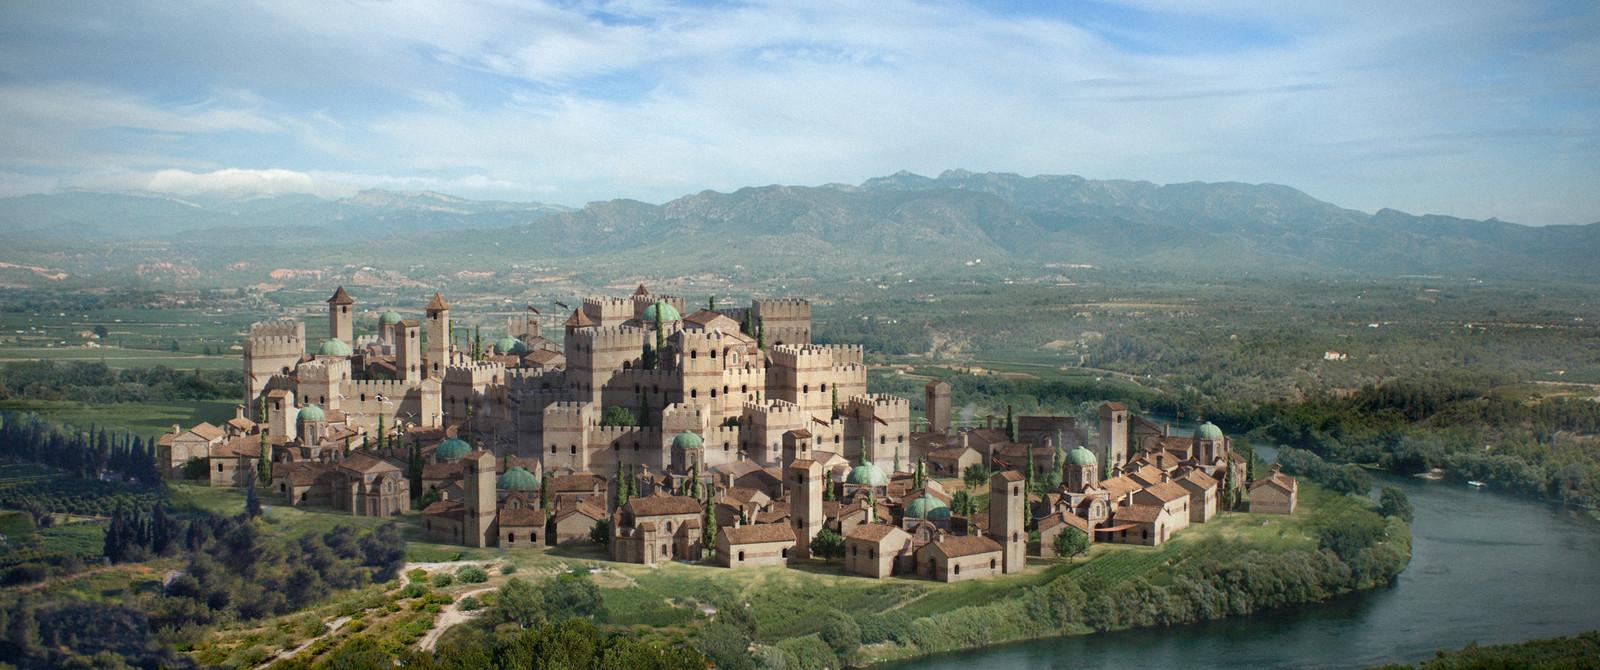 Byzantine City